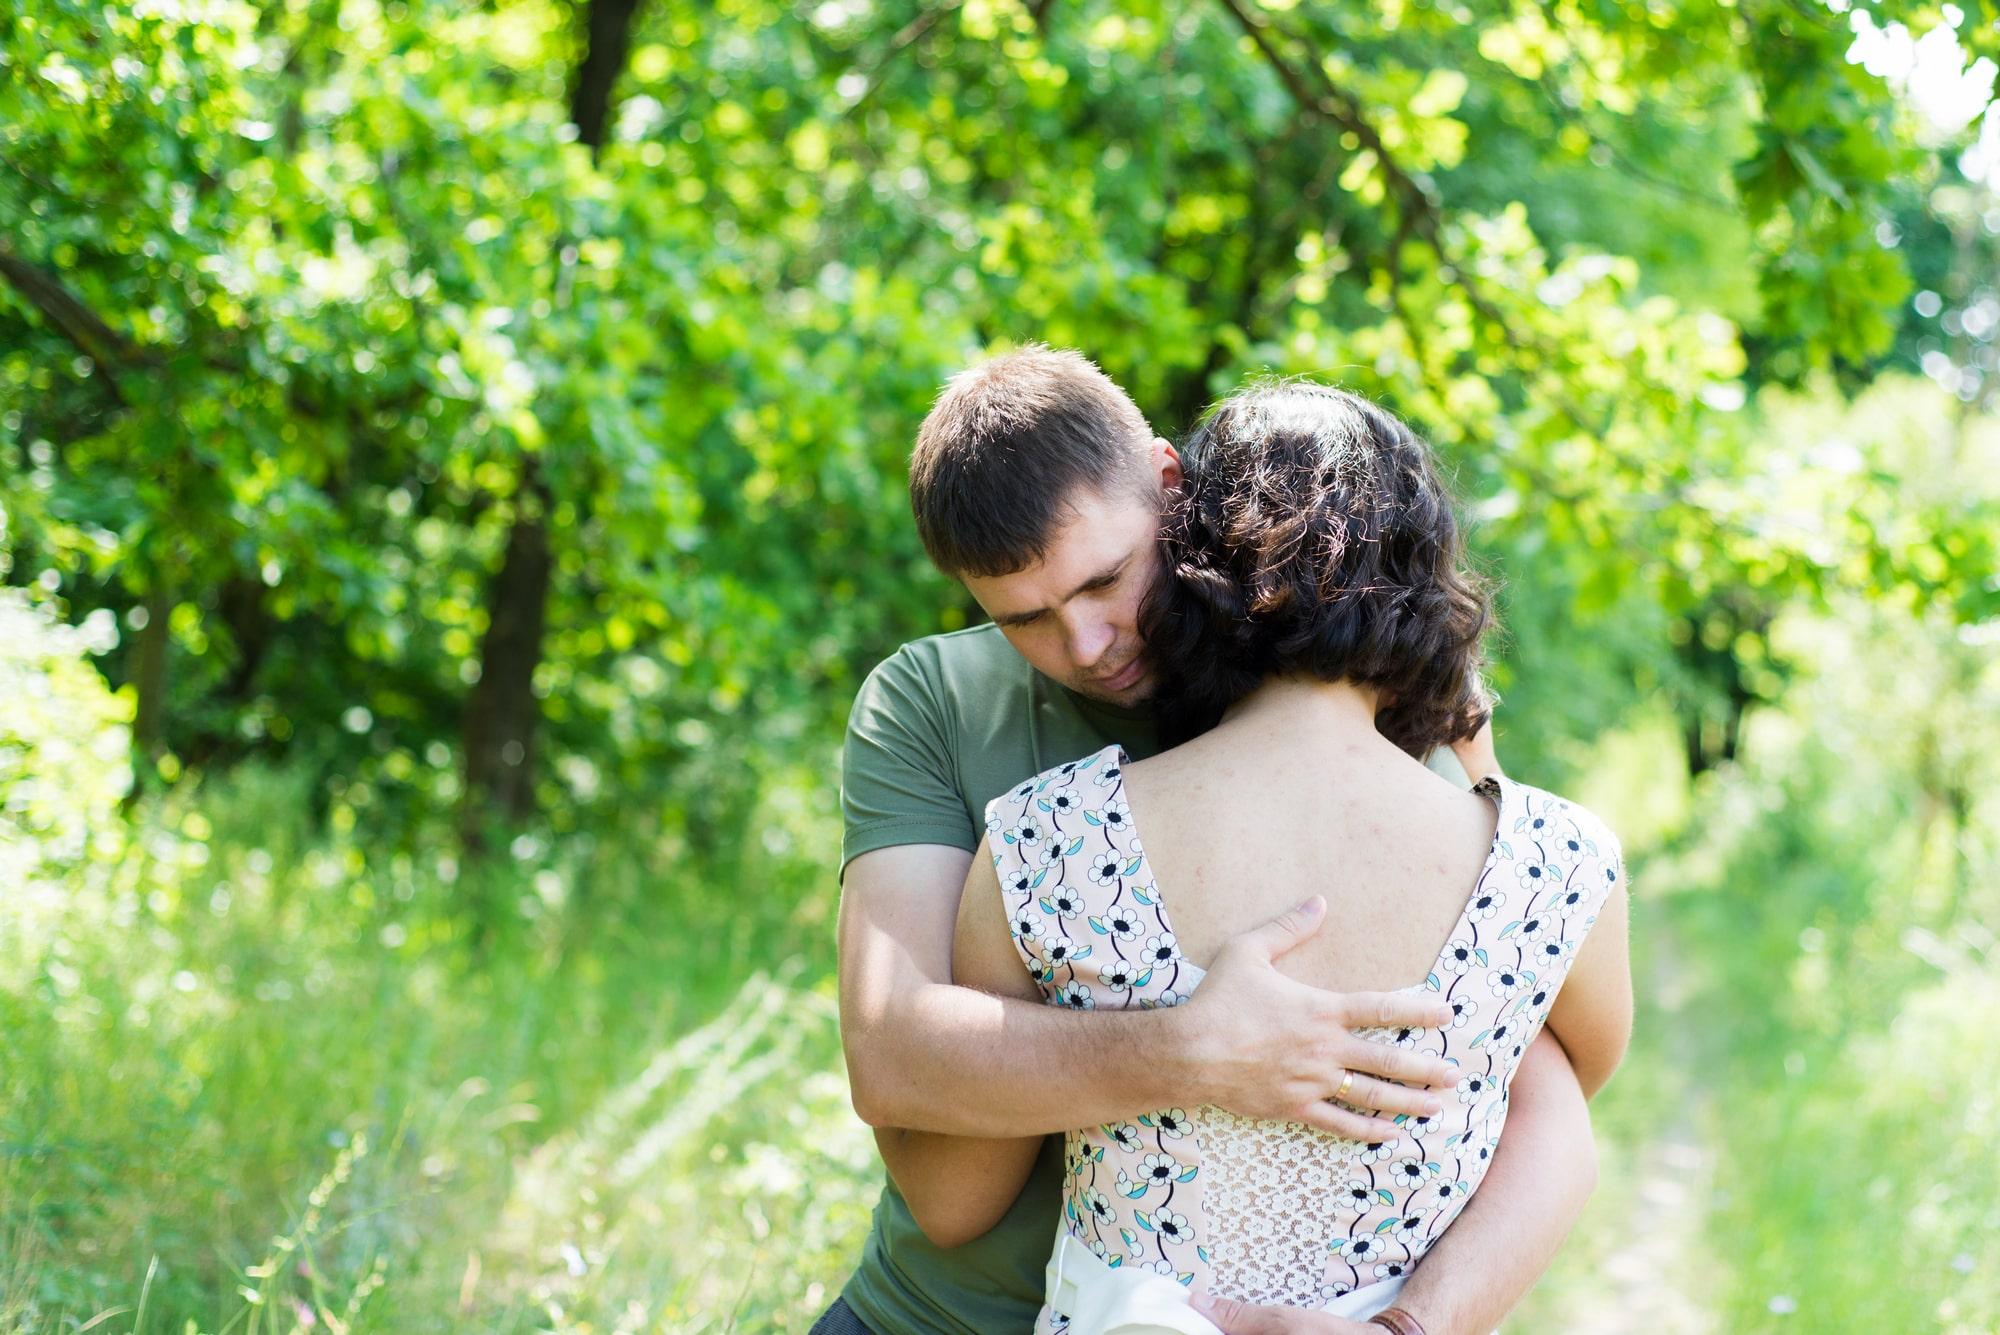 Фотосессия Love Story в зеленом парке - Фотограф Женя Лайт